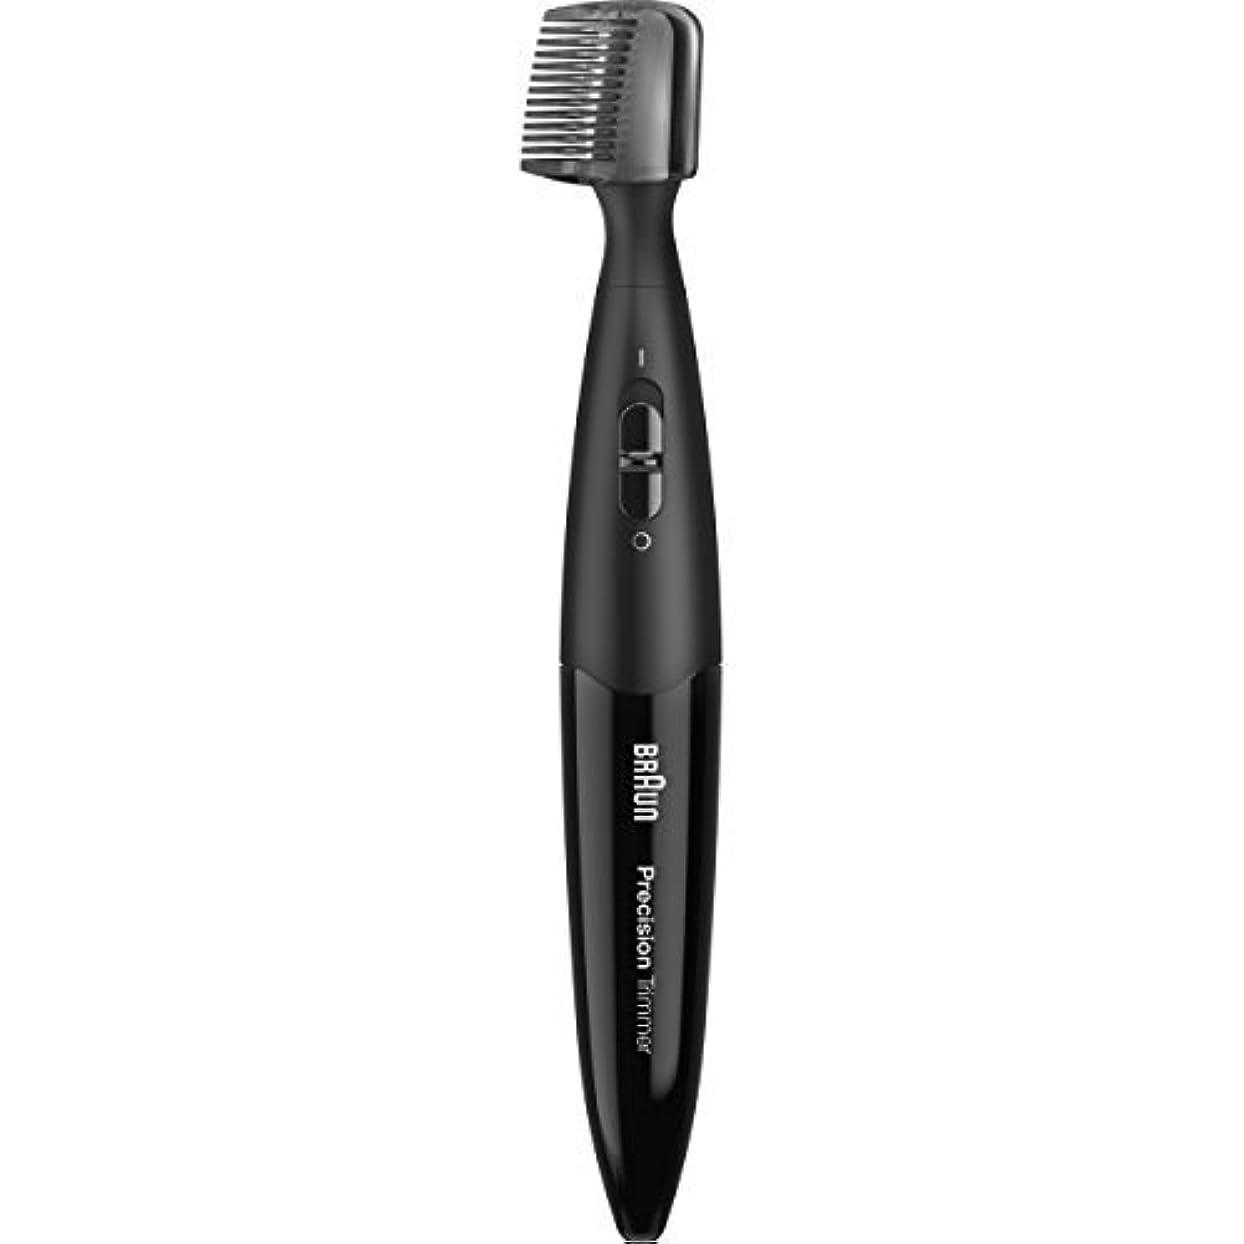 一般化する難破船ライブBraun Precision Trimmer PT5010, Men's Precision Beard, Ear & Nose, Mustache detailer, styler [並行輸入品]